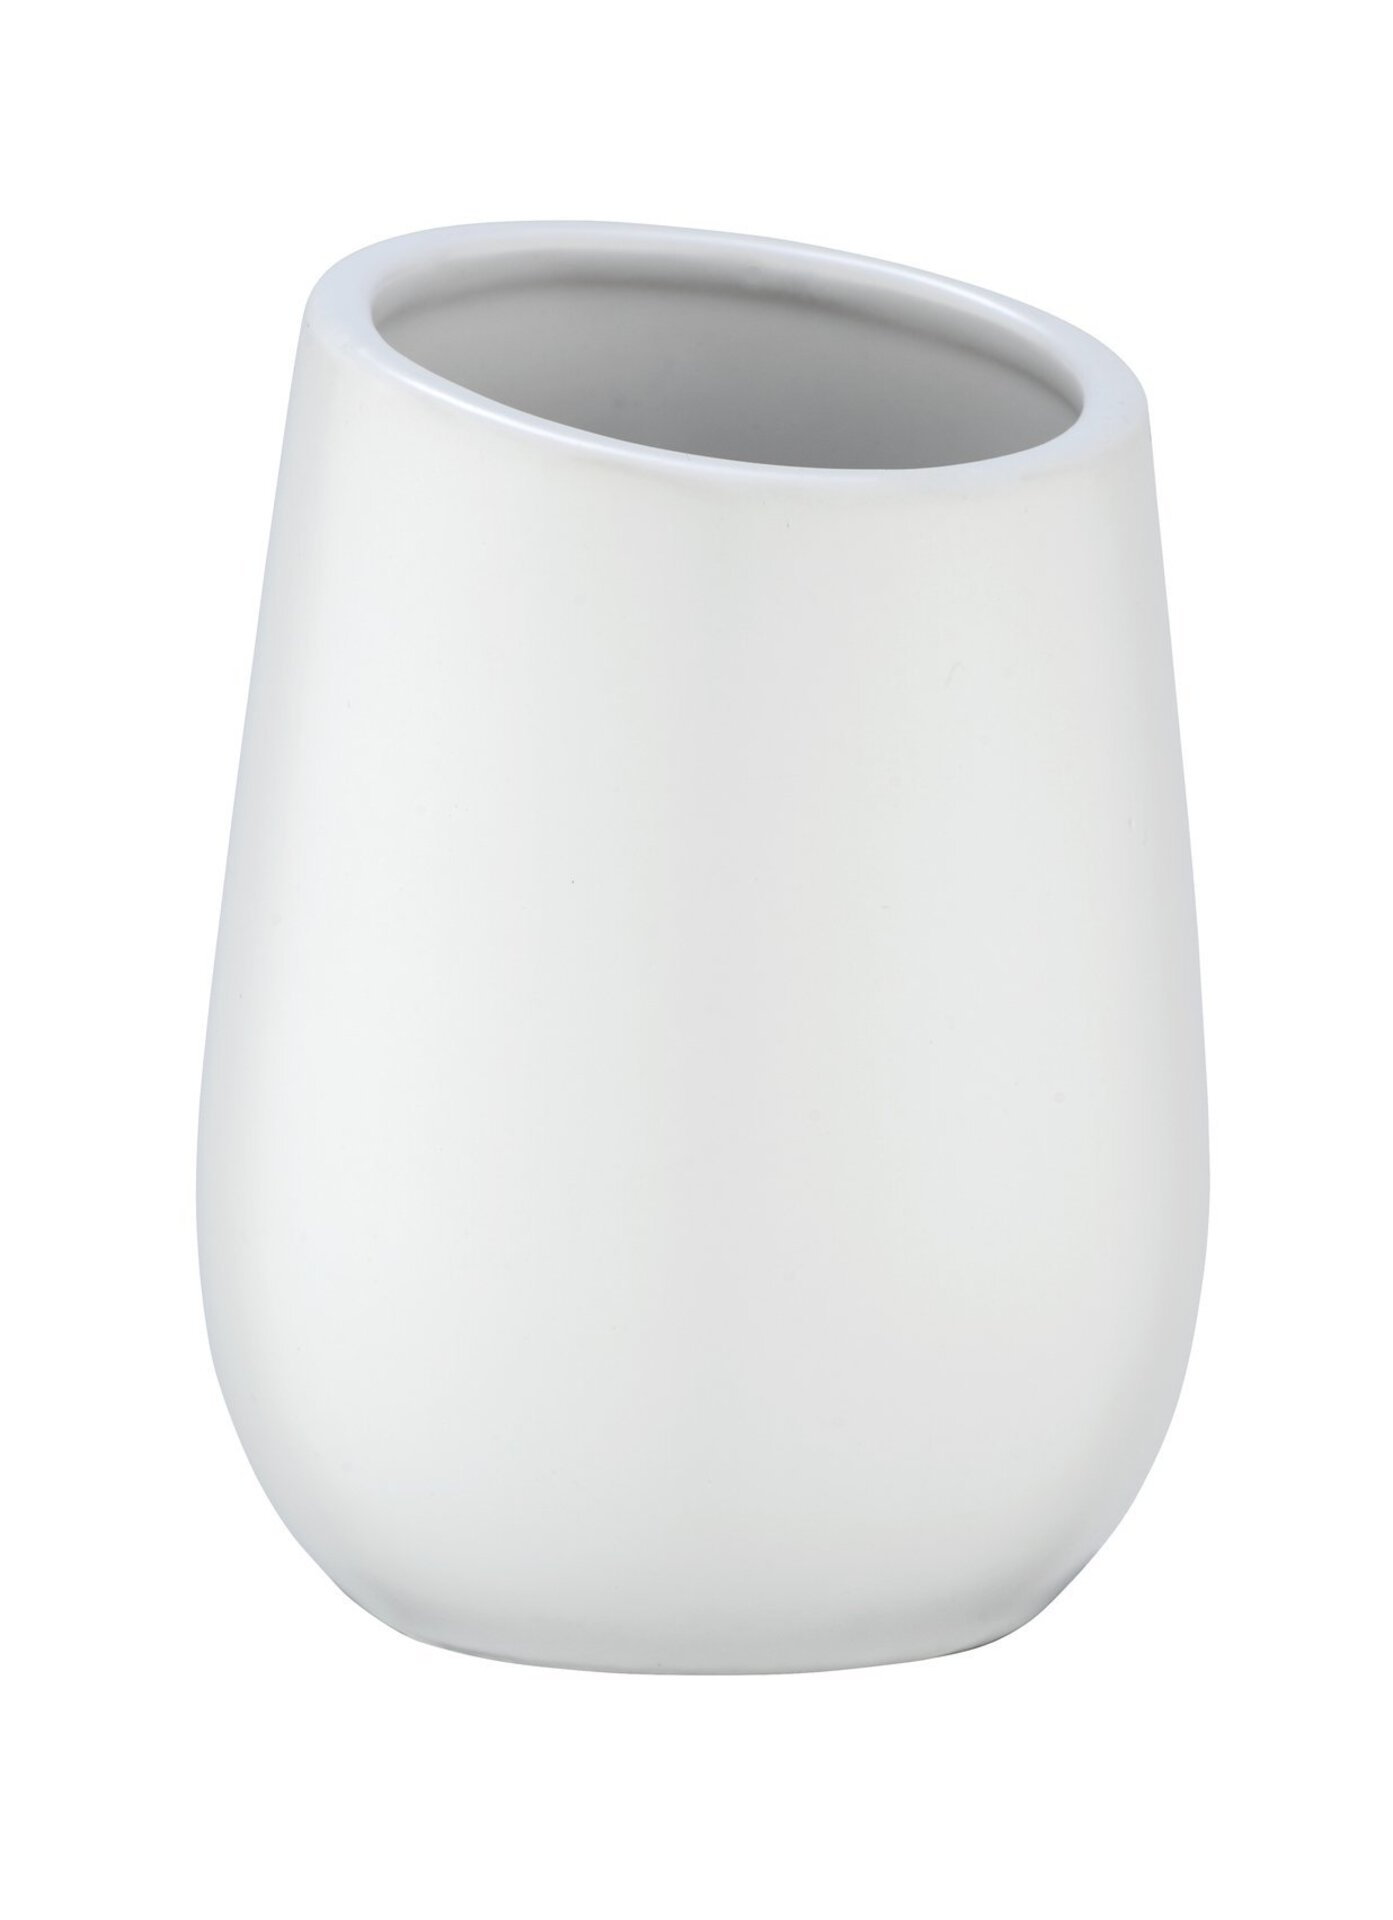 Badzubehör Badi Wenko Keramik weiß 8 x 11 x 8 cm